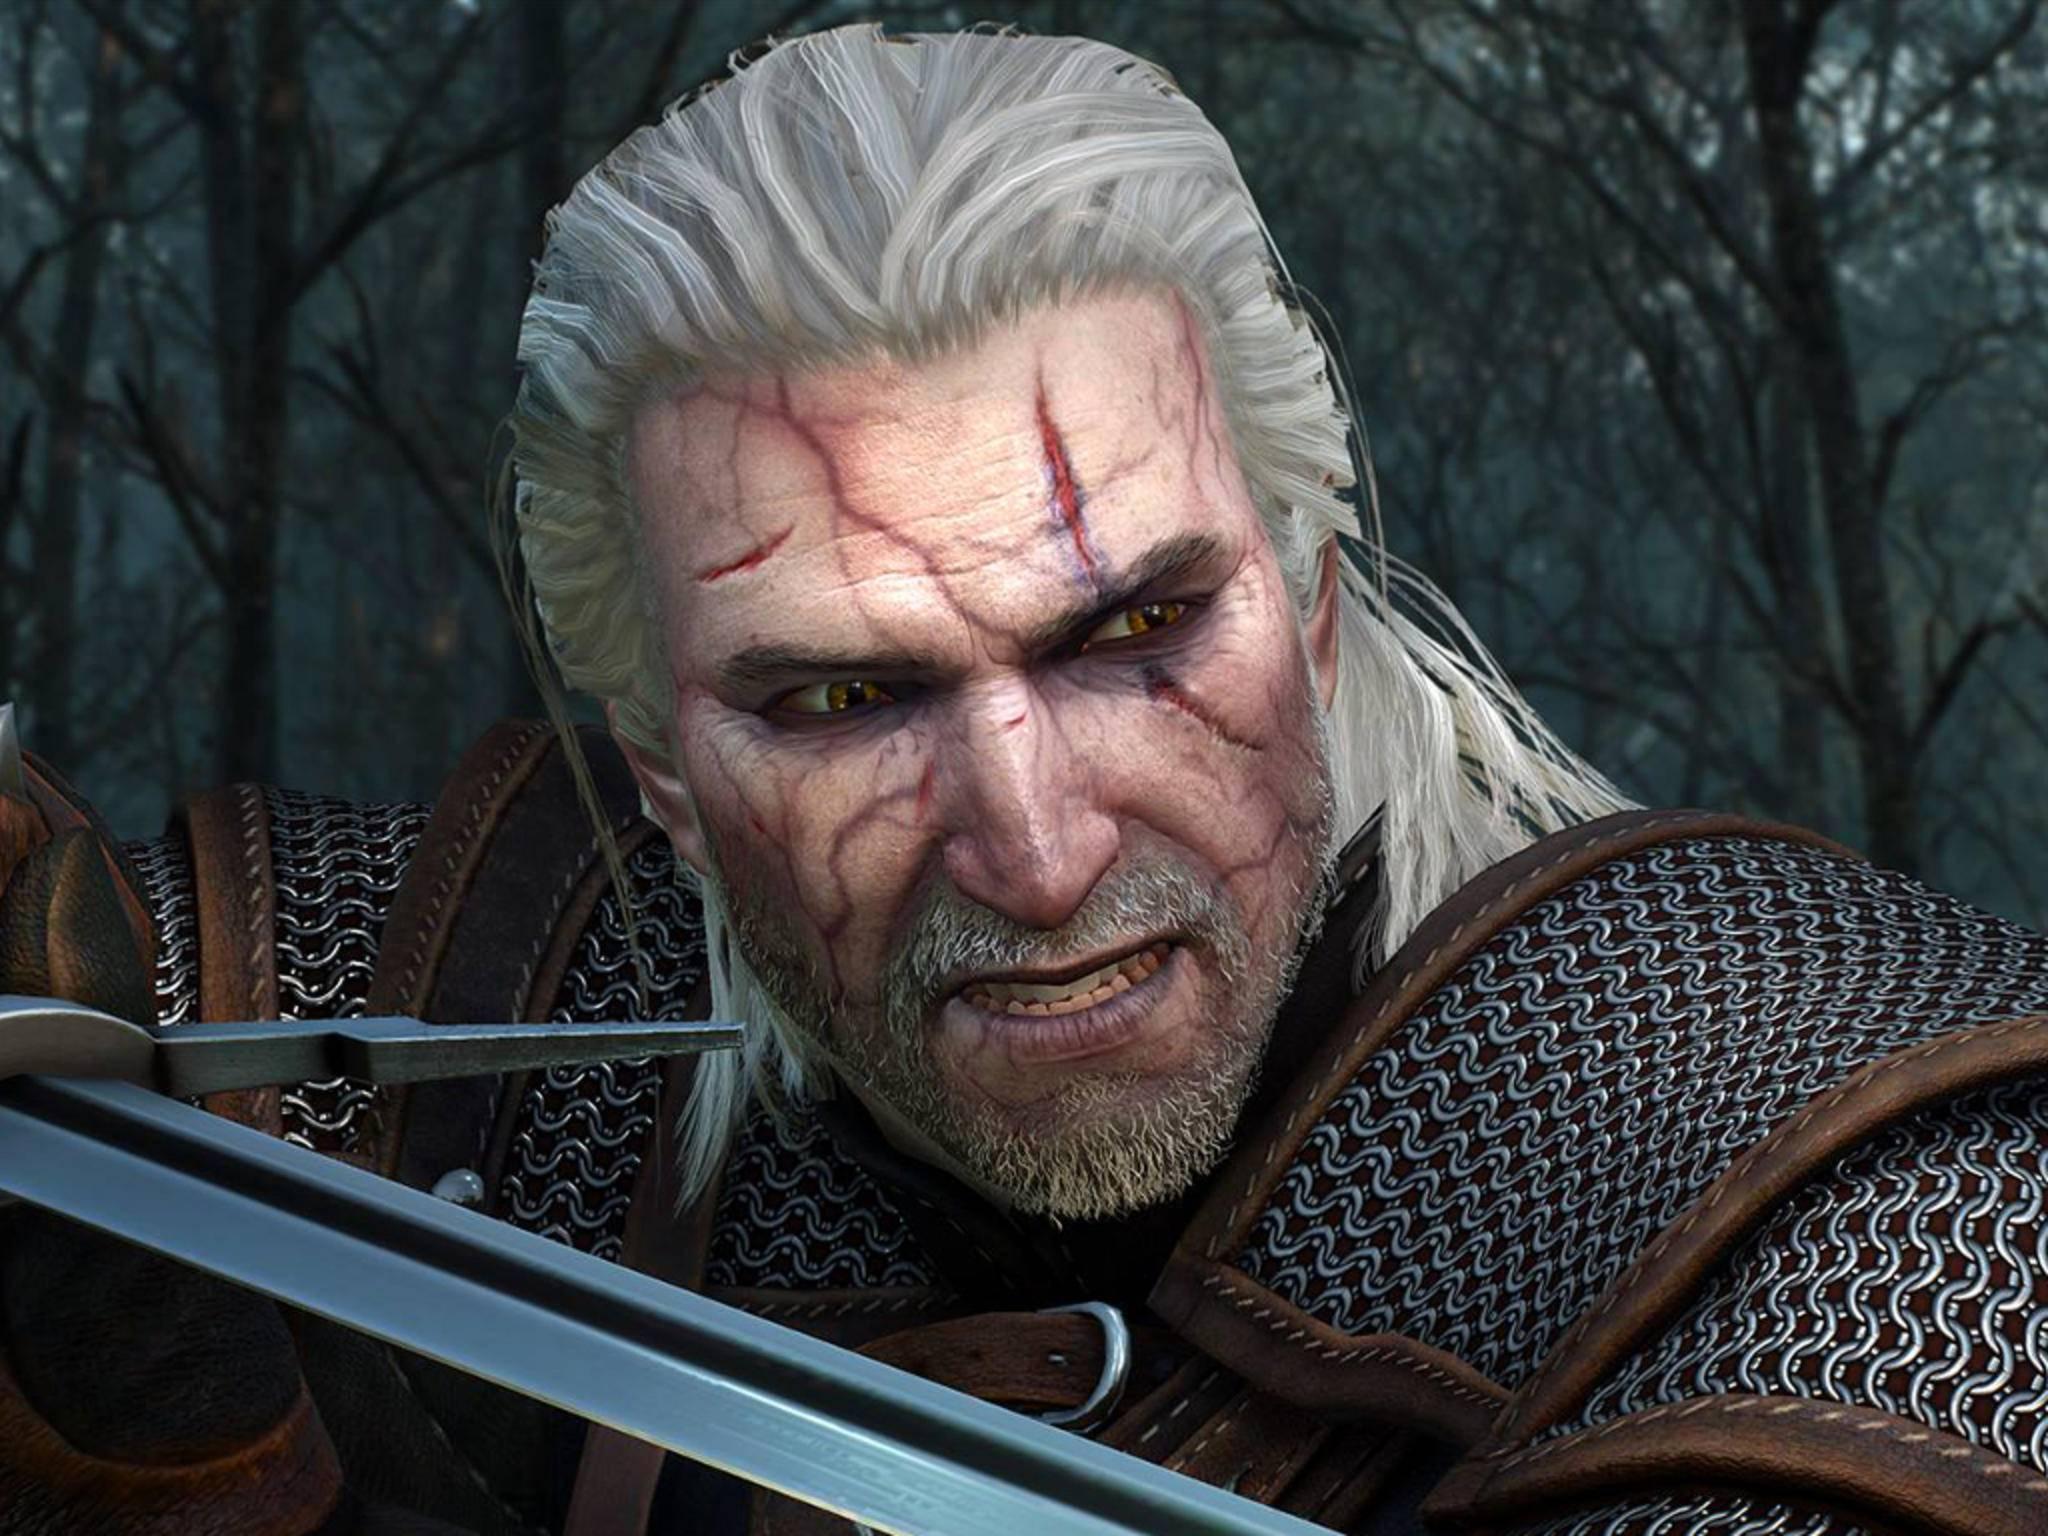 """Weiße Haare, Narben im Gesicht und immer eine scharfe Waffe griffbereit: so tritt Hexer Geralt von Riva in """"The Witcher"""" auf."""